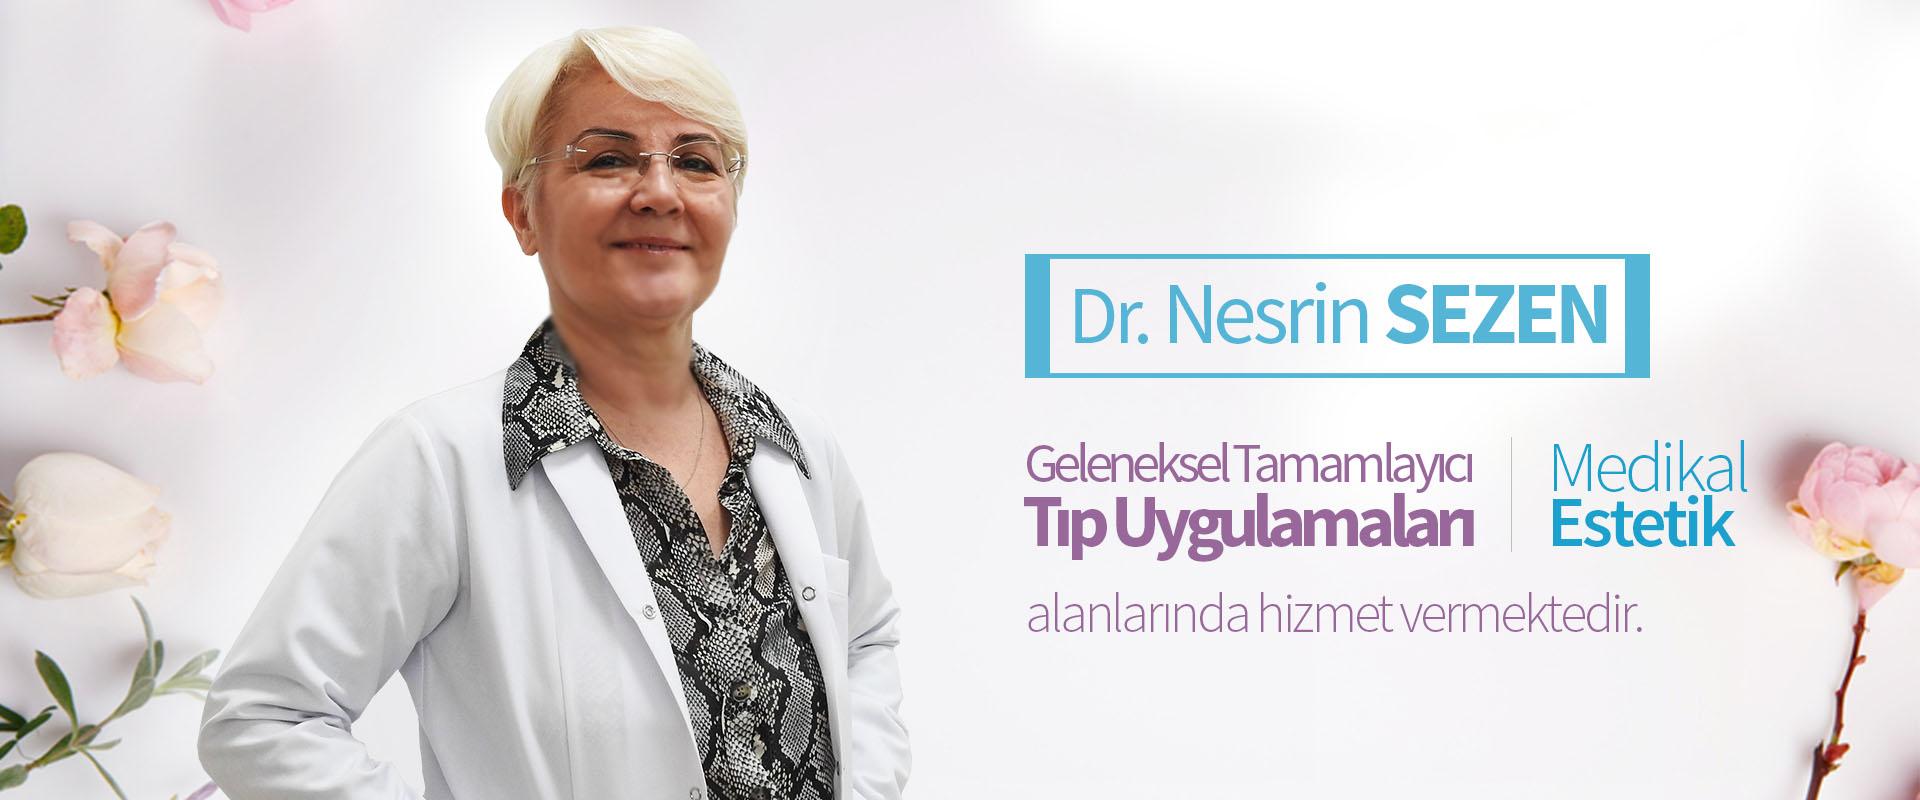 Dr. Nesrin SEZEN -  Anasayfa